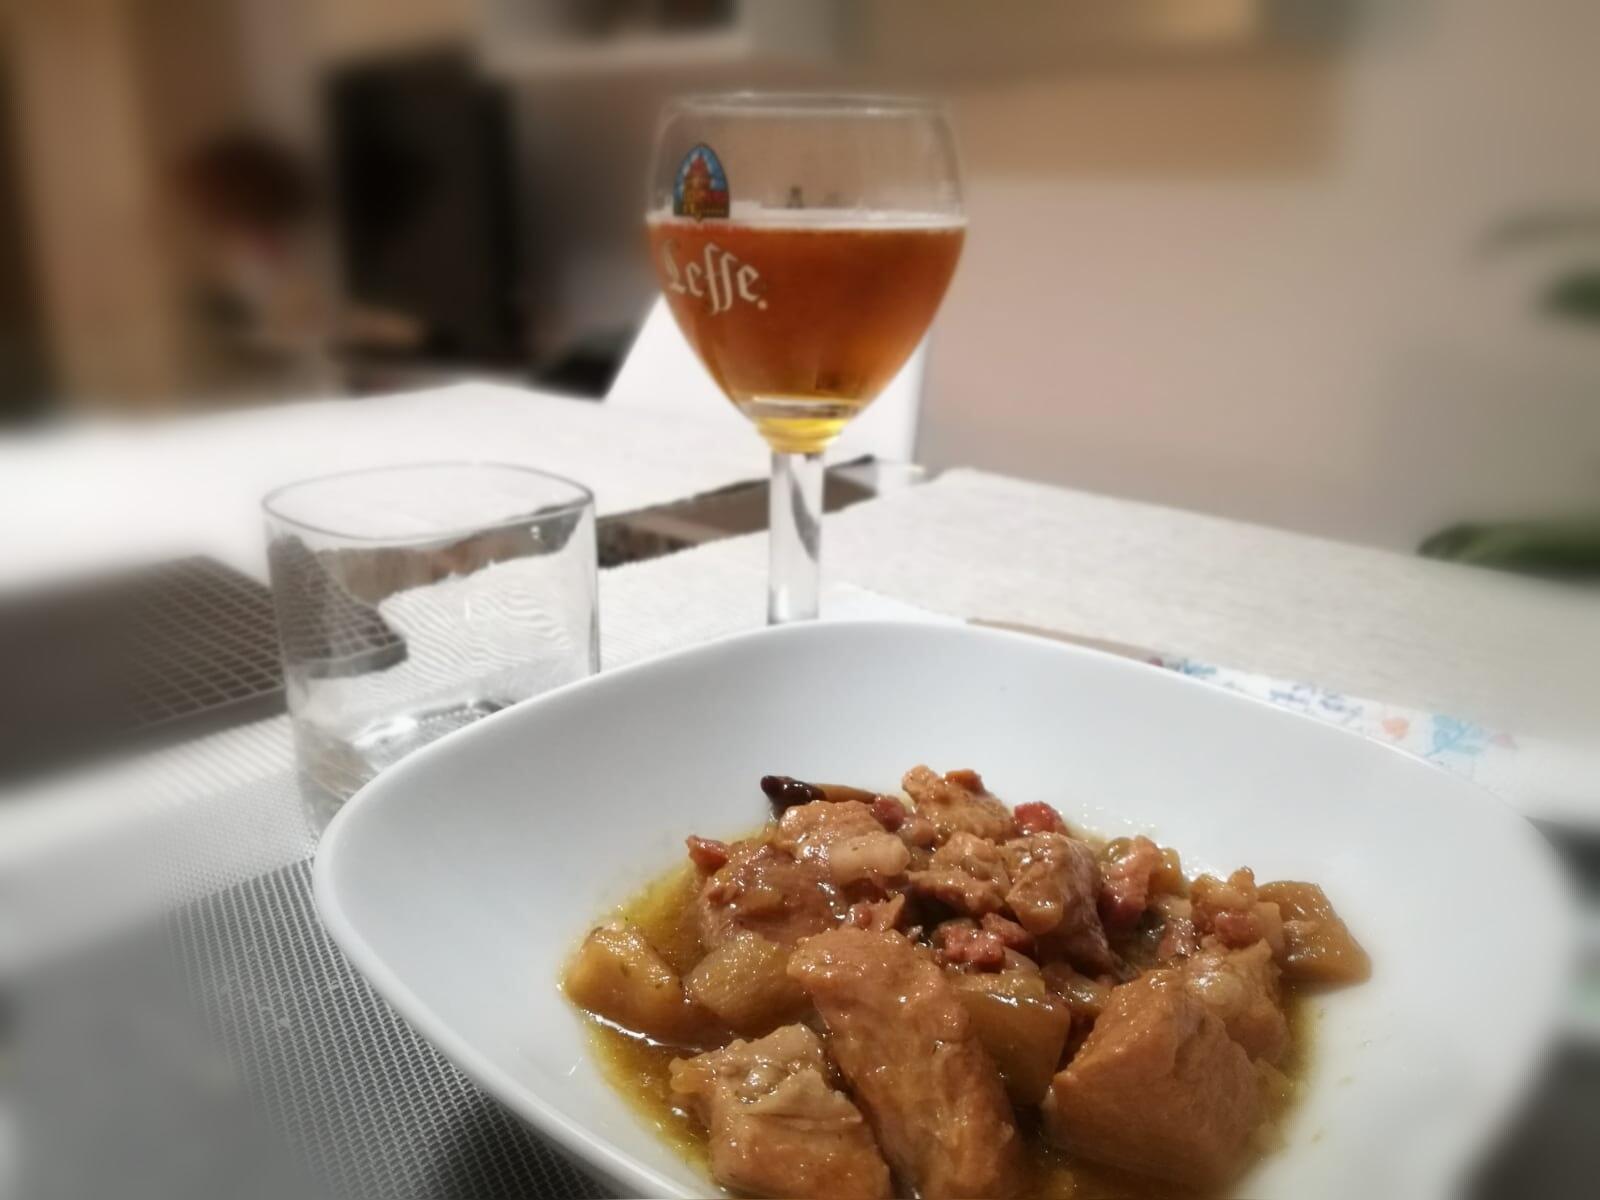 La ricetta Vistanet: spezzatino di maiale sardo alla birra con miele, funghi e castagne